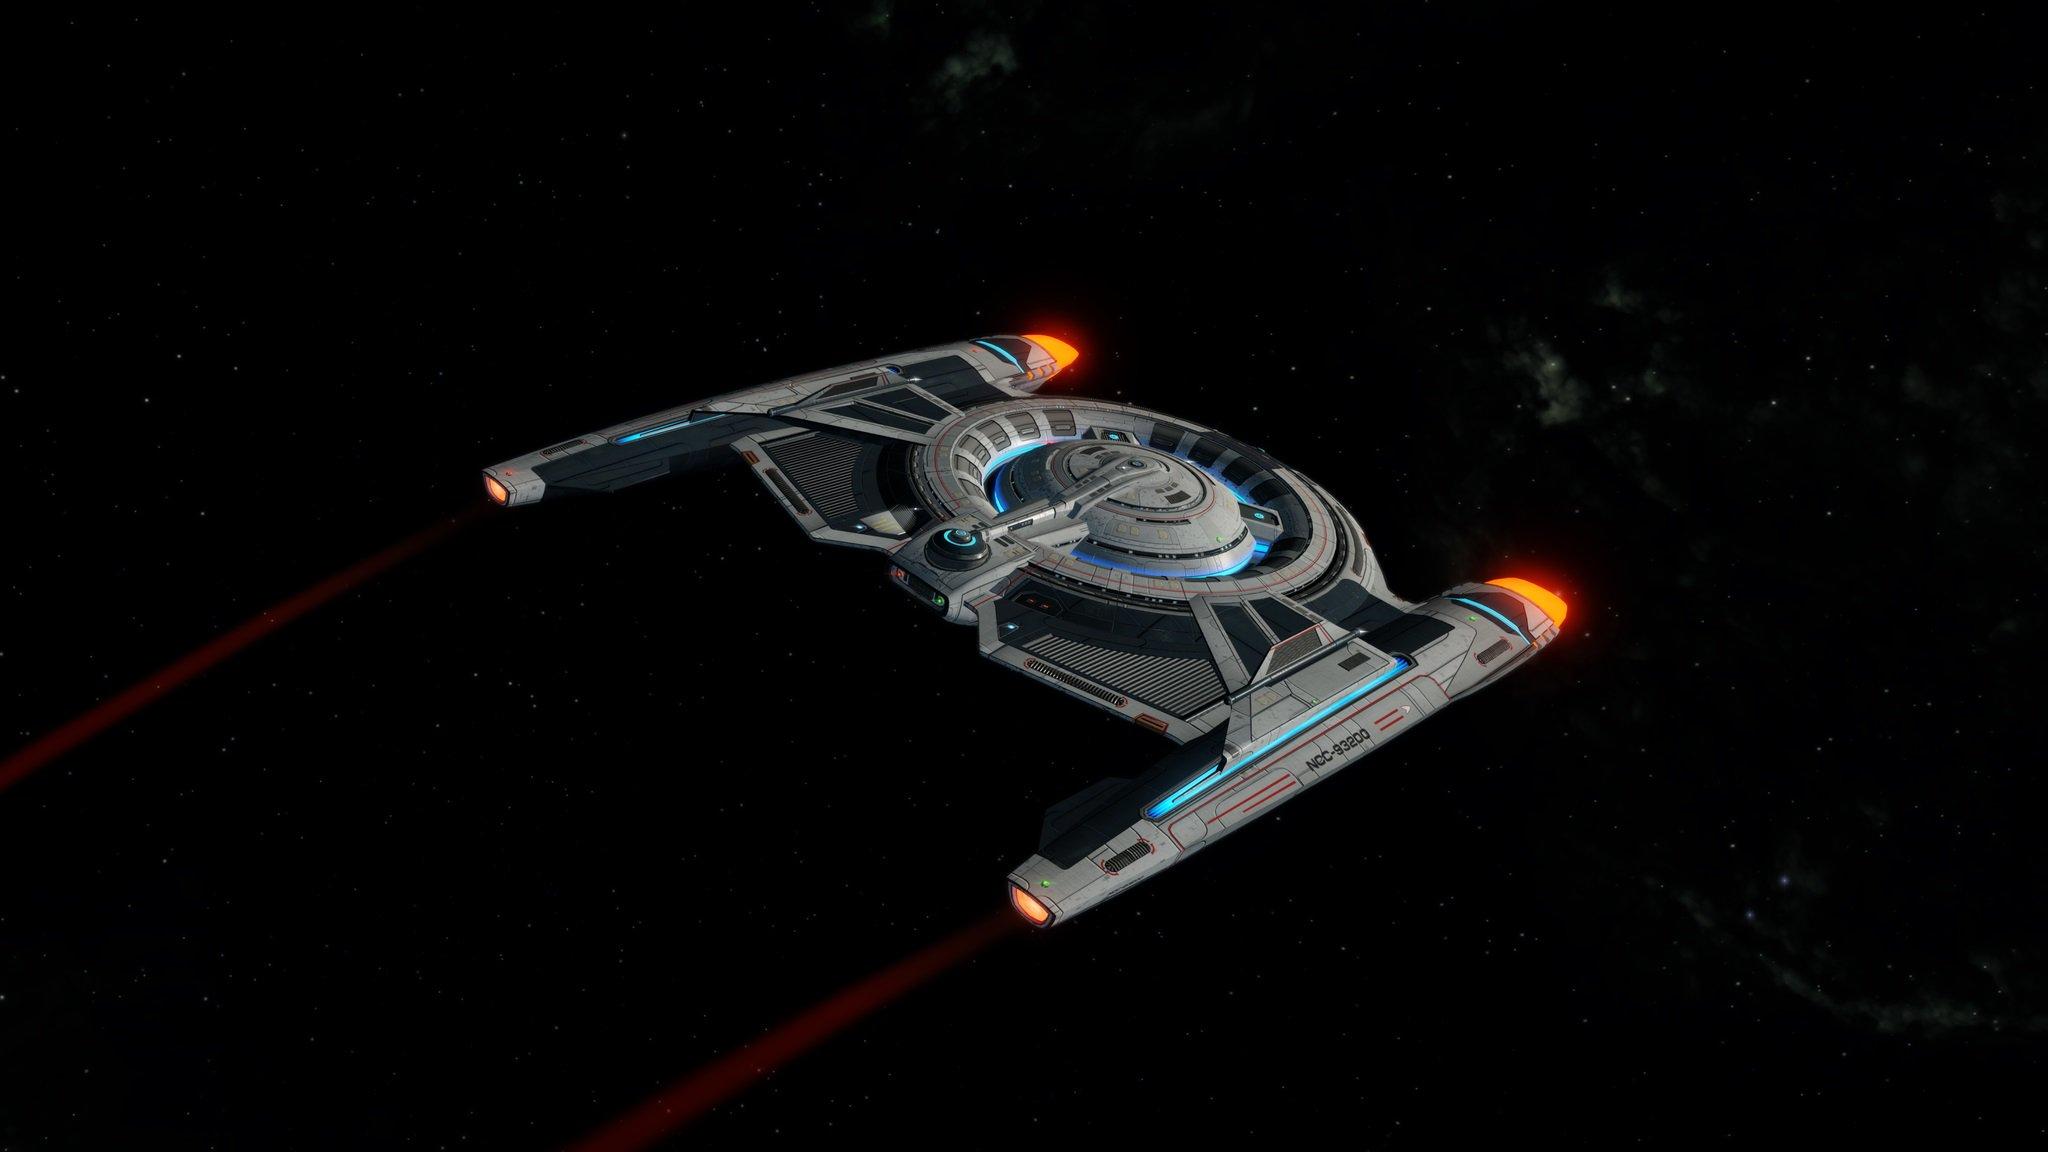 Gewinnspiel: Nehmen Sie ein Intel Science Bundle für das neue Update von Star Trek Online, Awakening, mit nach Hause 1